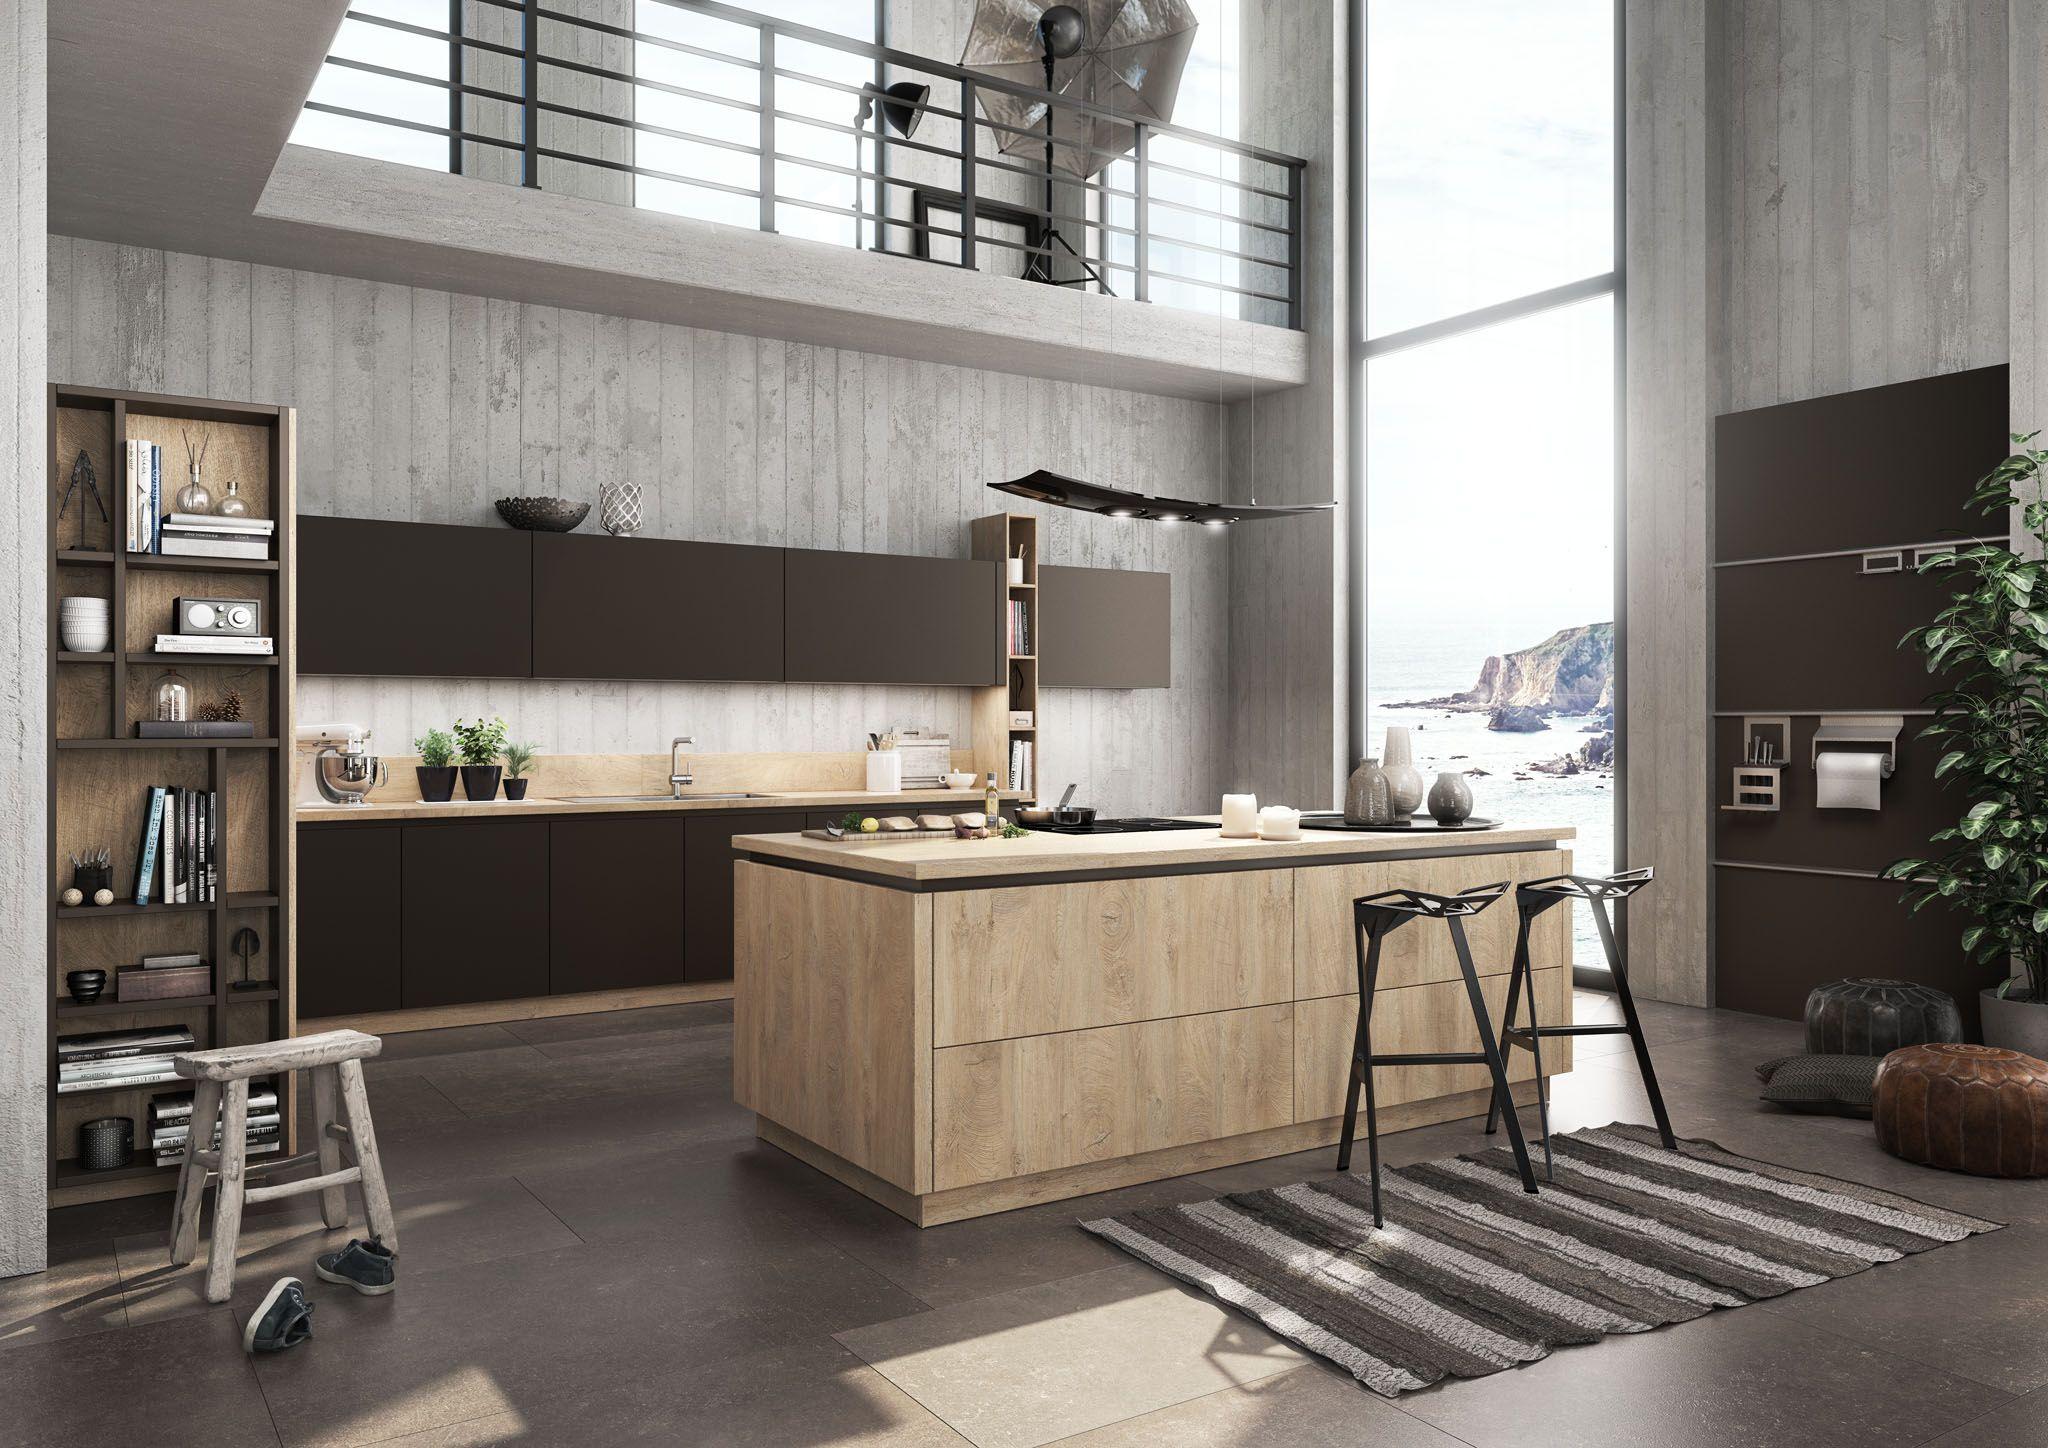 Baumann Küchen bauformat küchen kitchens cozinhas kitchens